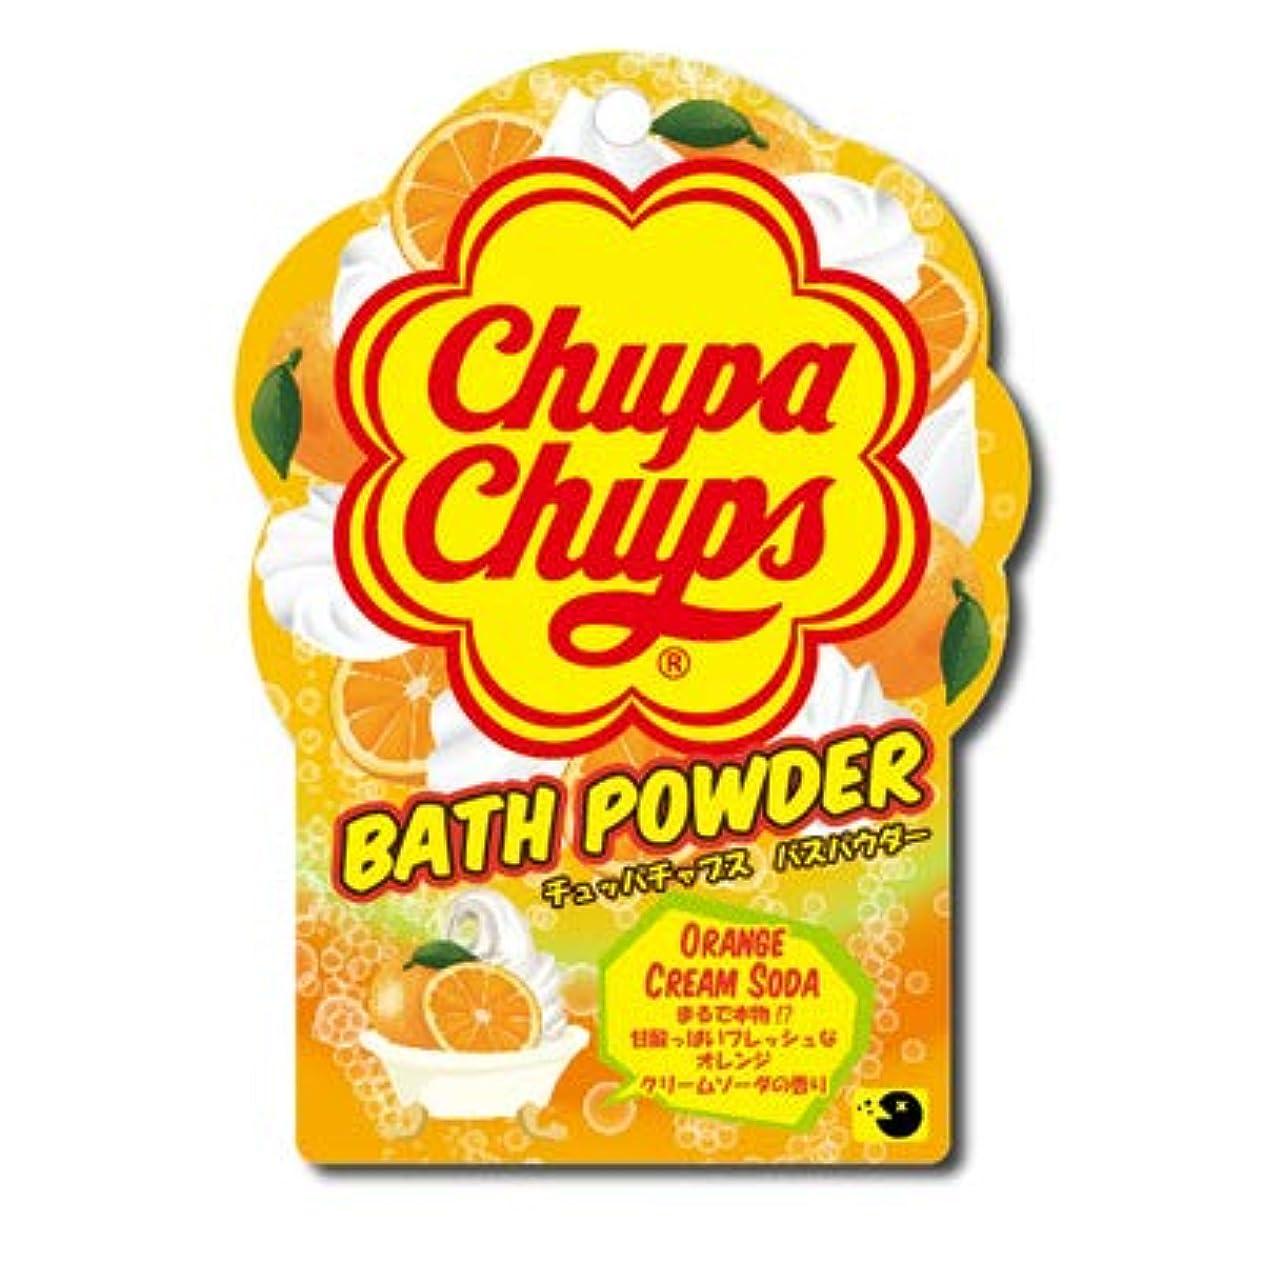 登場法的統合する【まとめ買い3個セット】 チュッパチャプスバスパウダー オレンジクリームソーダ